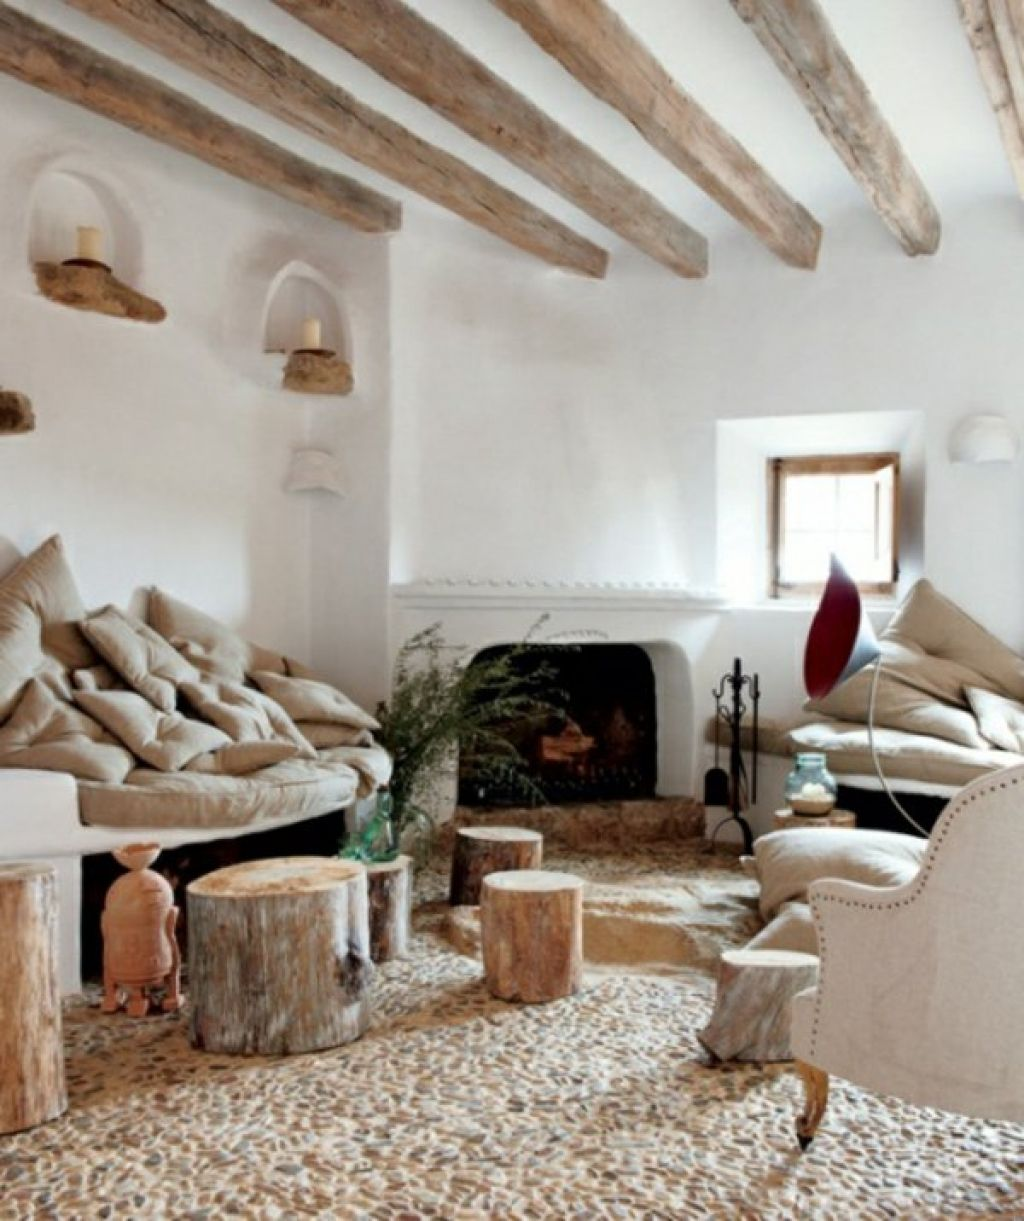 deko ideen wohnzimmer selber machen 21 kreative deko ideen aus baumstumpf selber machen deko ideen wohnzimmer - Deko Fur Wohnzimmer Selber Machen